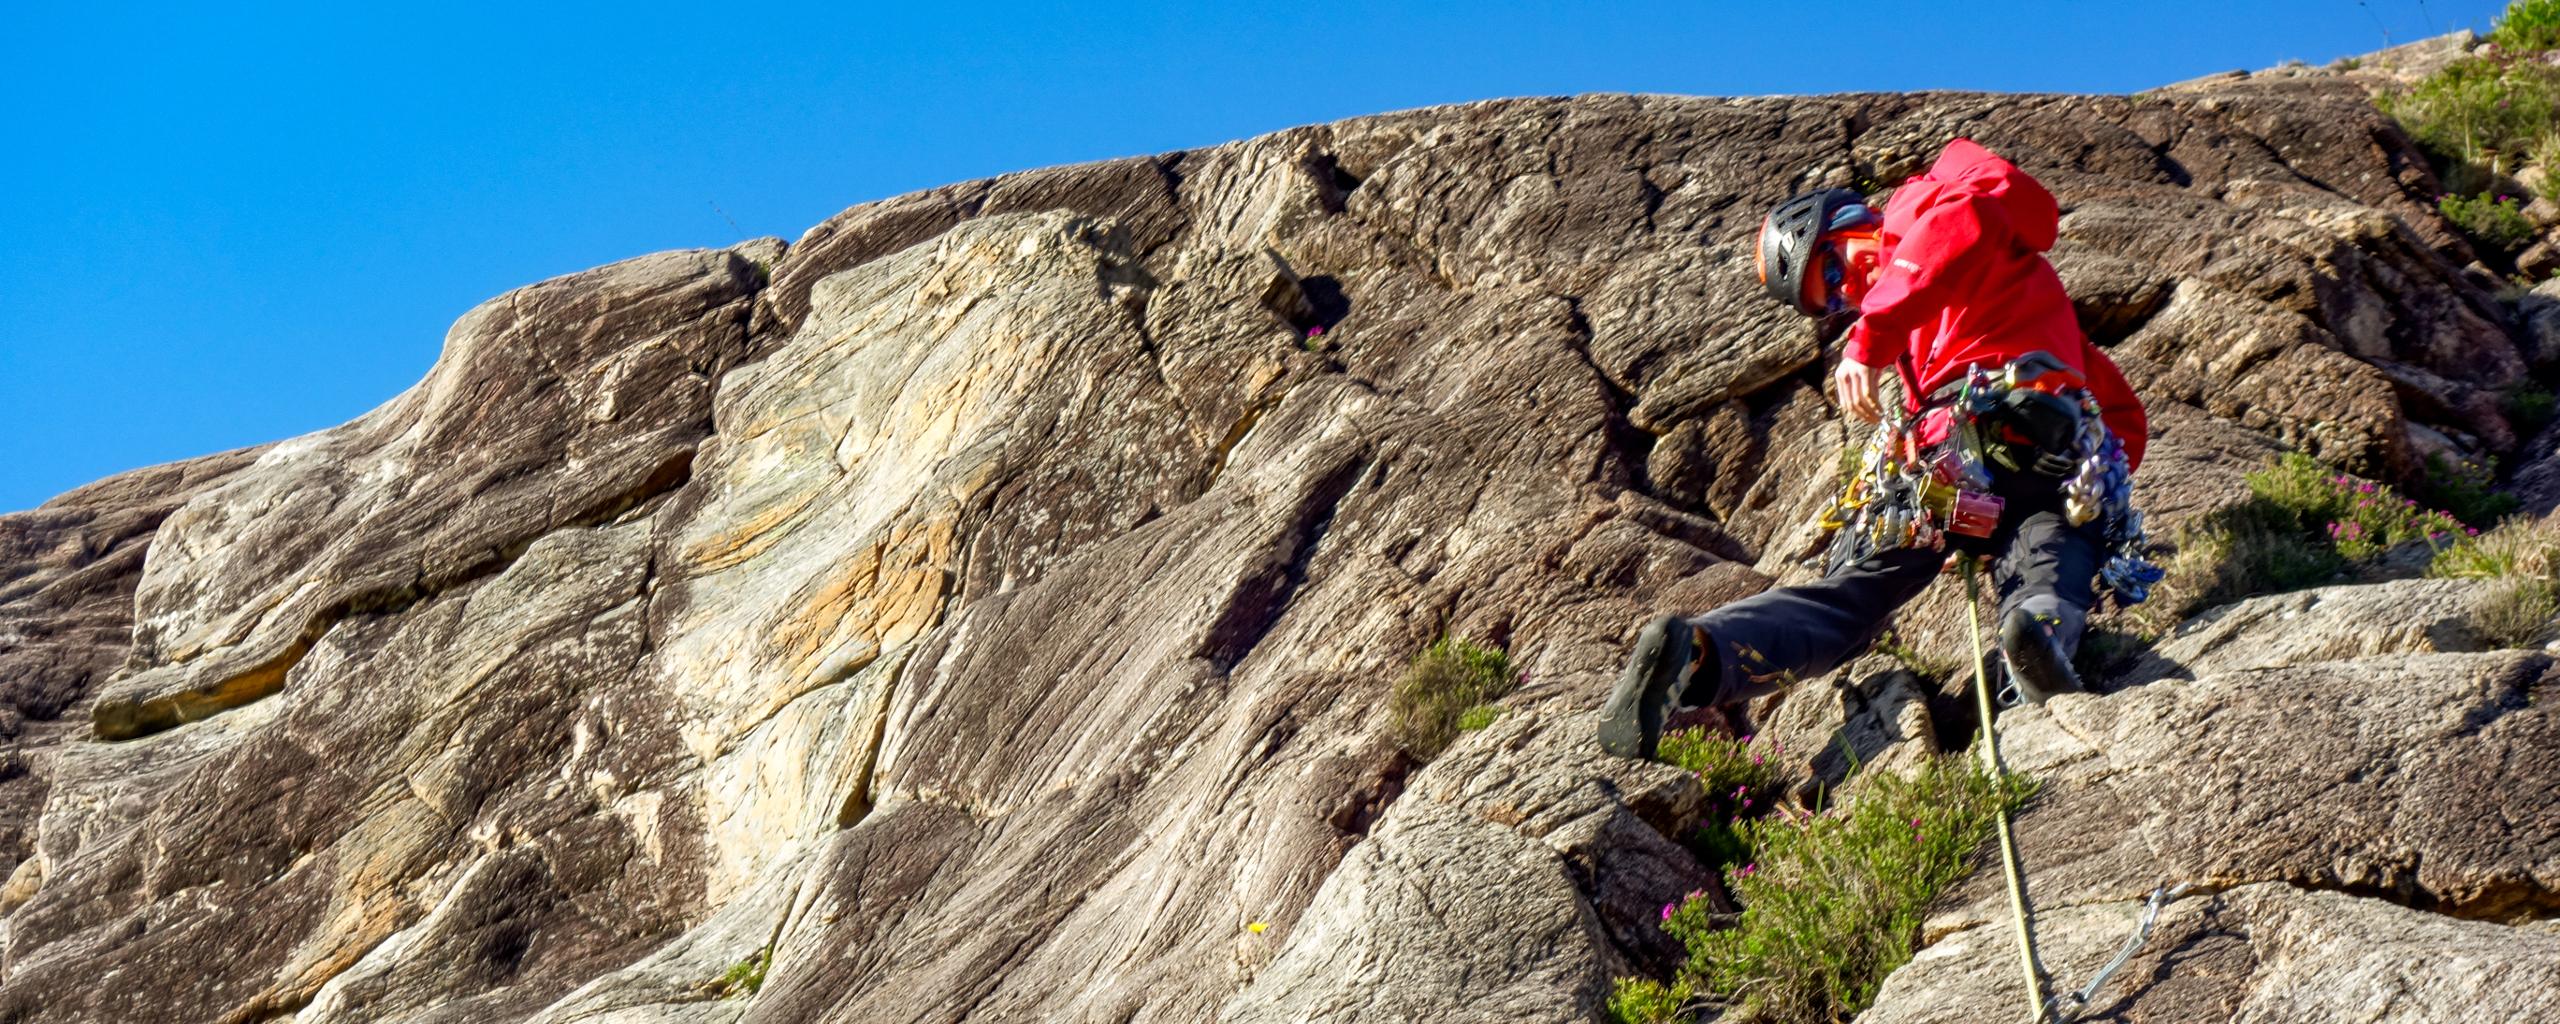 Climbing at Ardheslaig